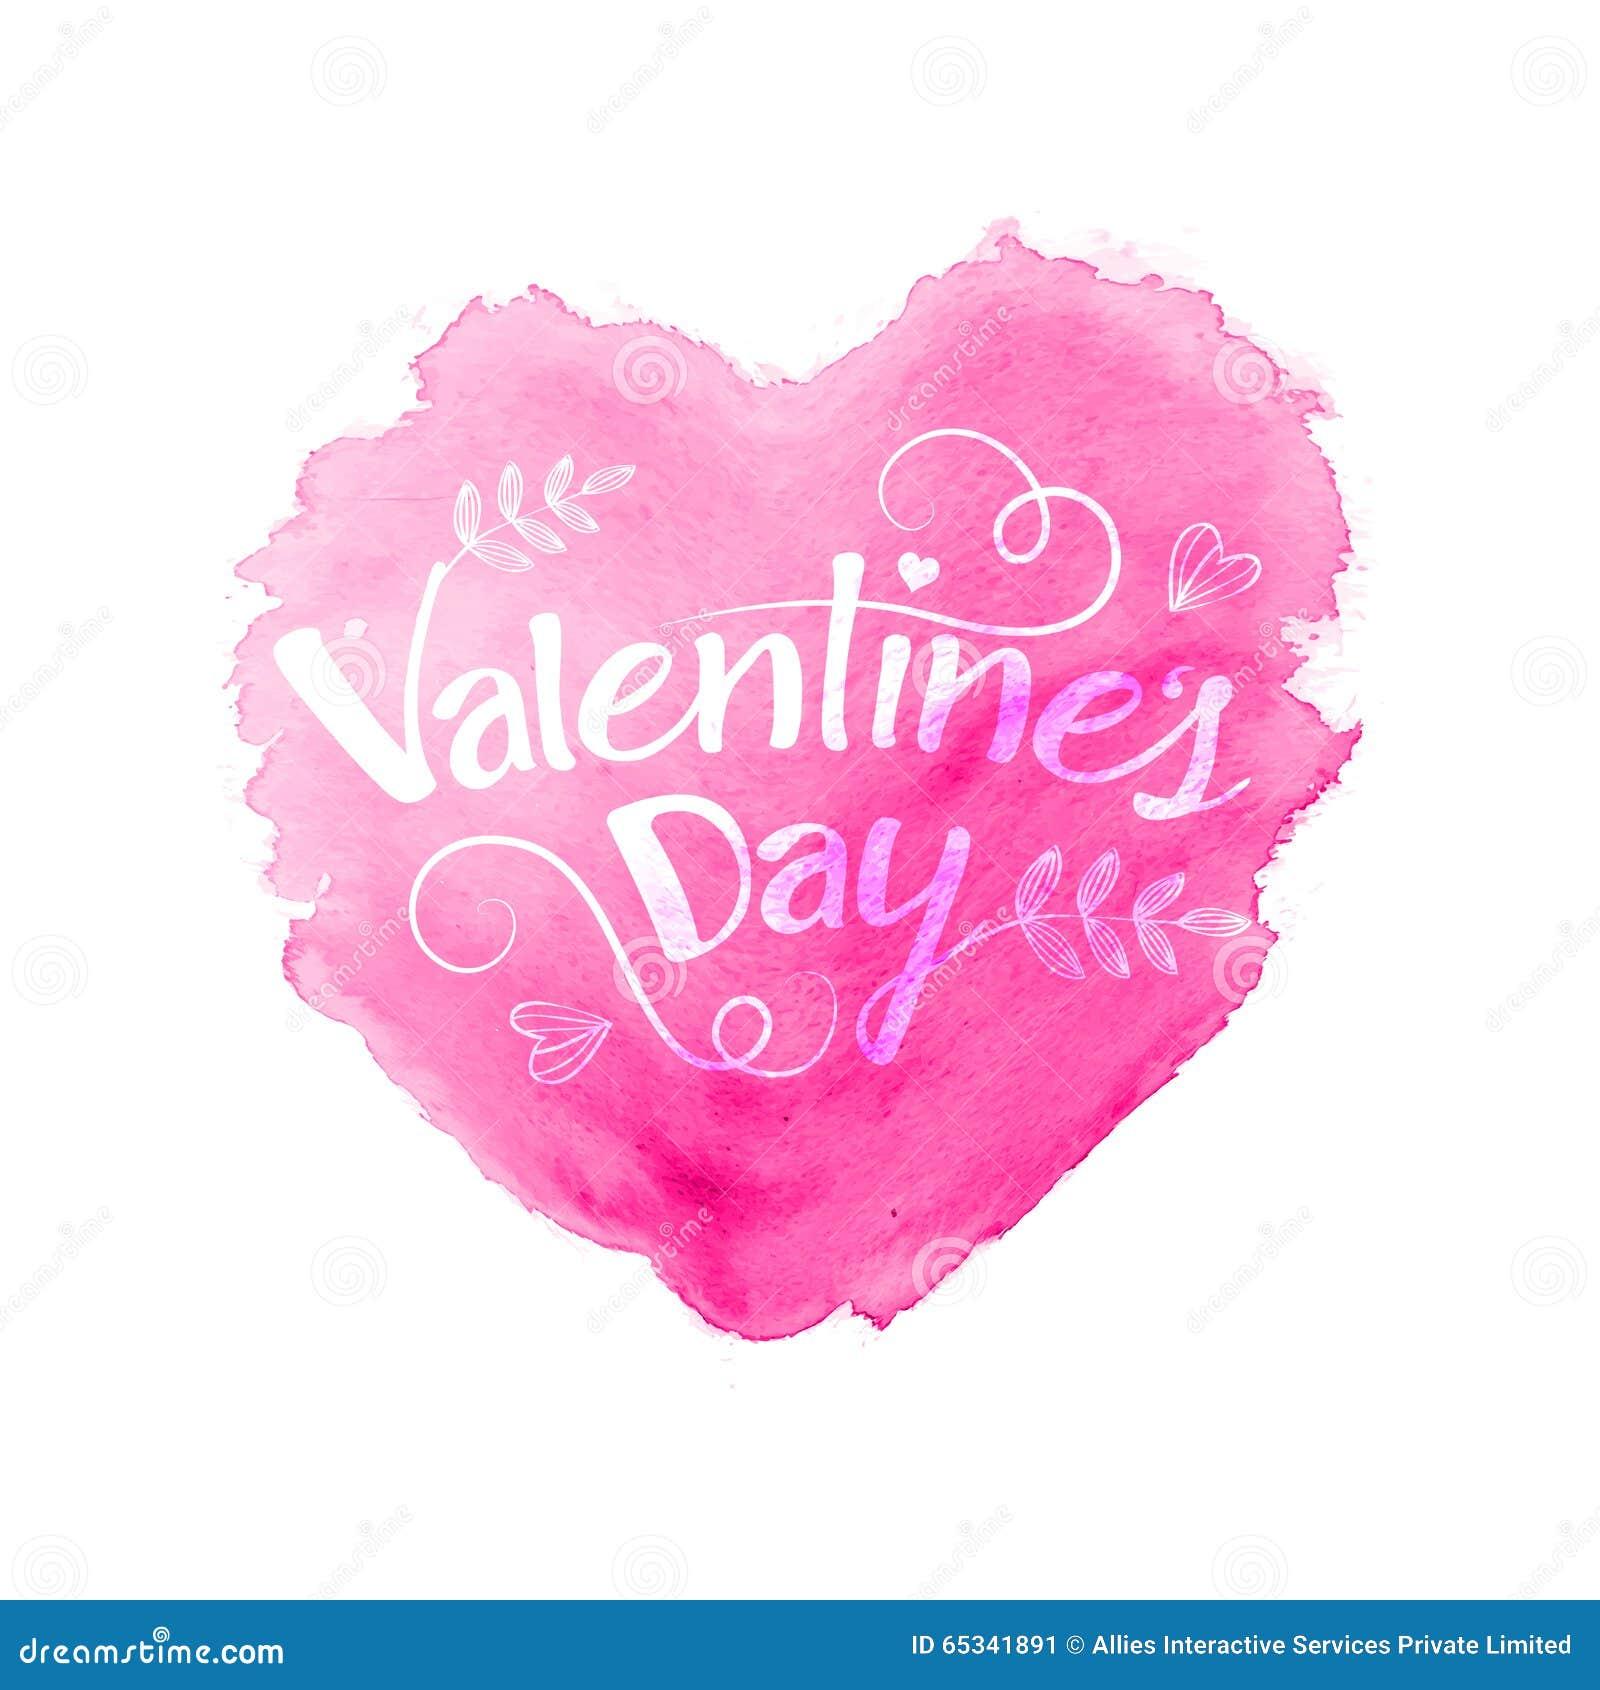 Stilvoller Text Mit Herzen Für Valentinstag